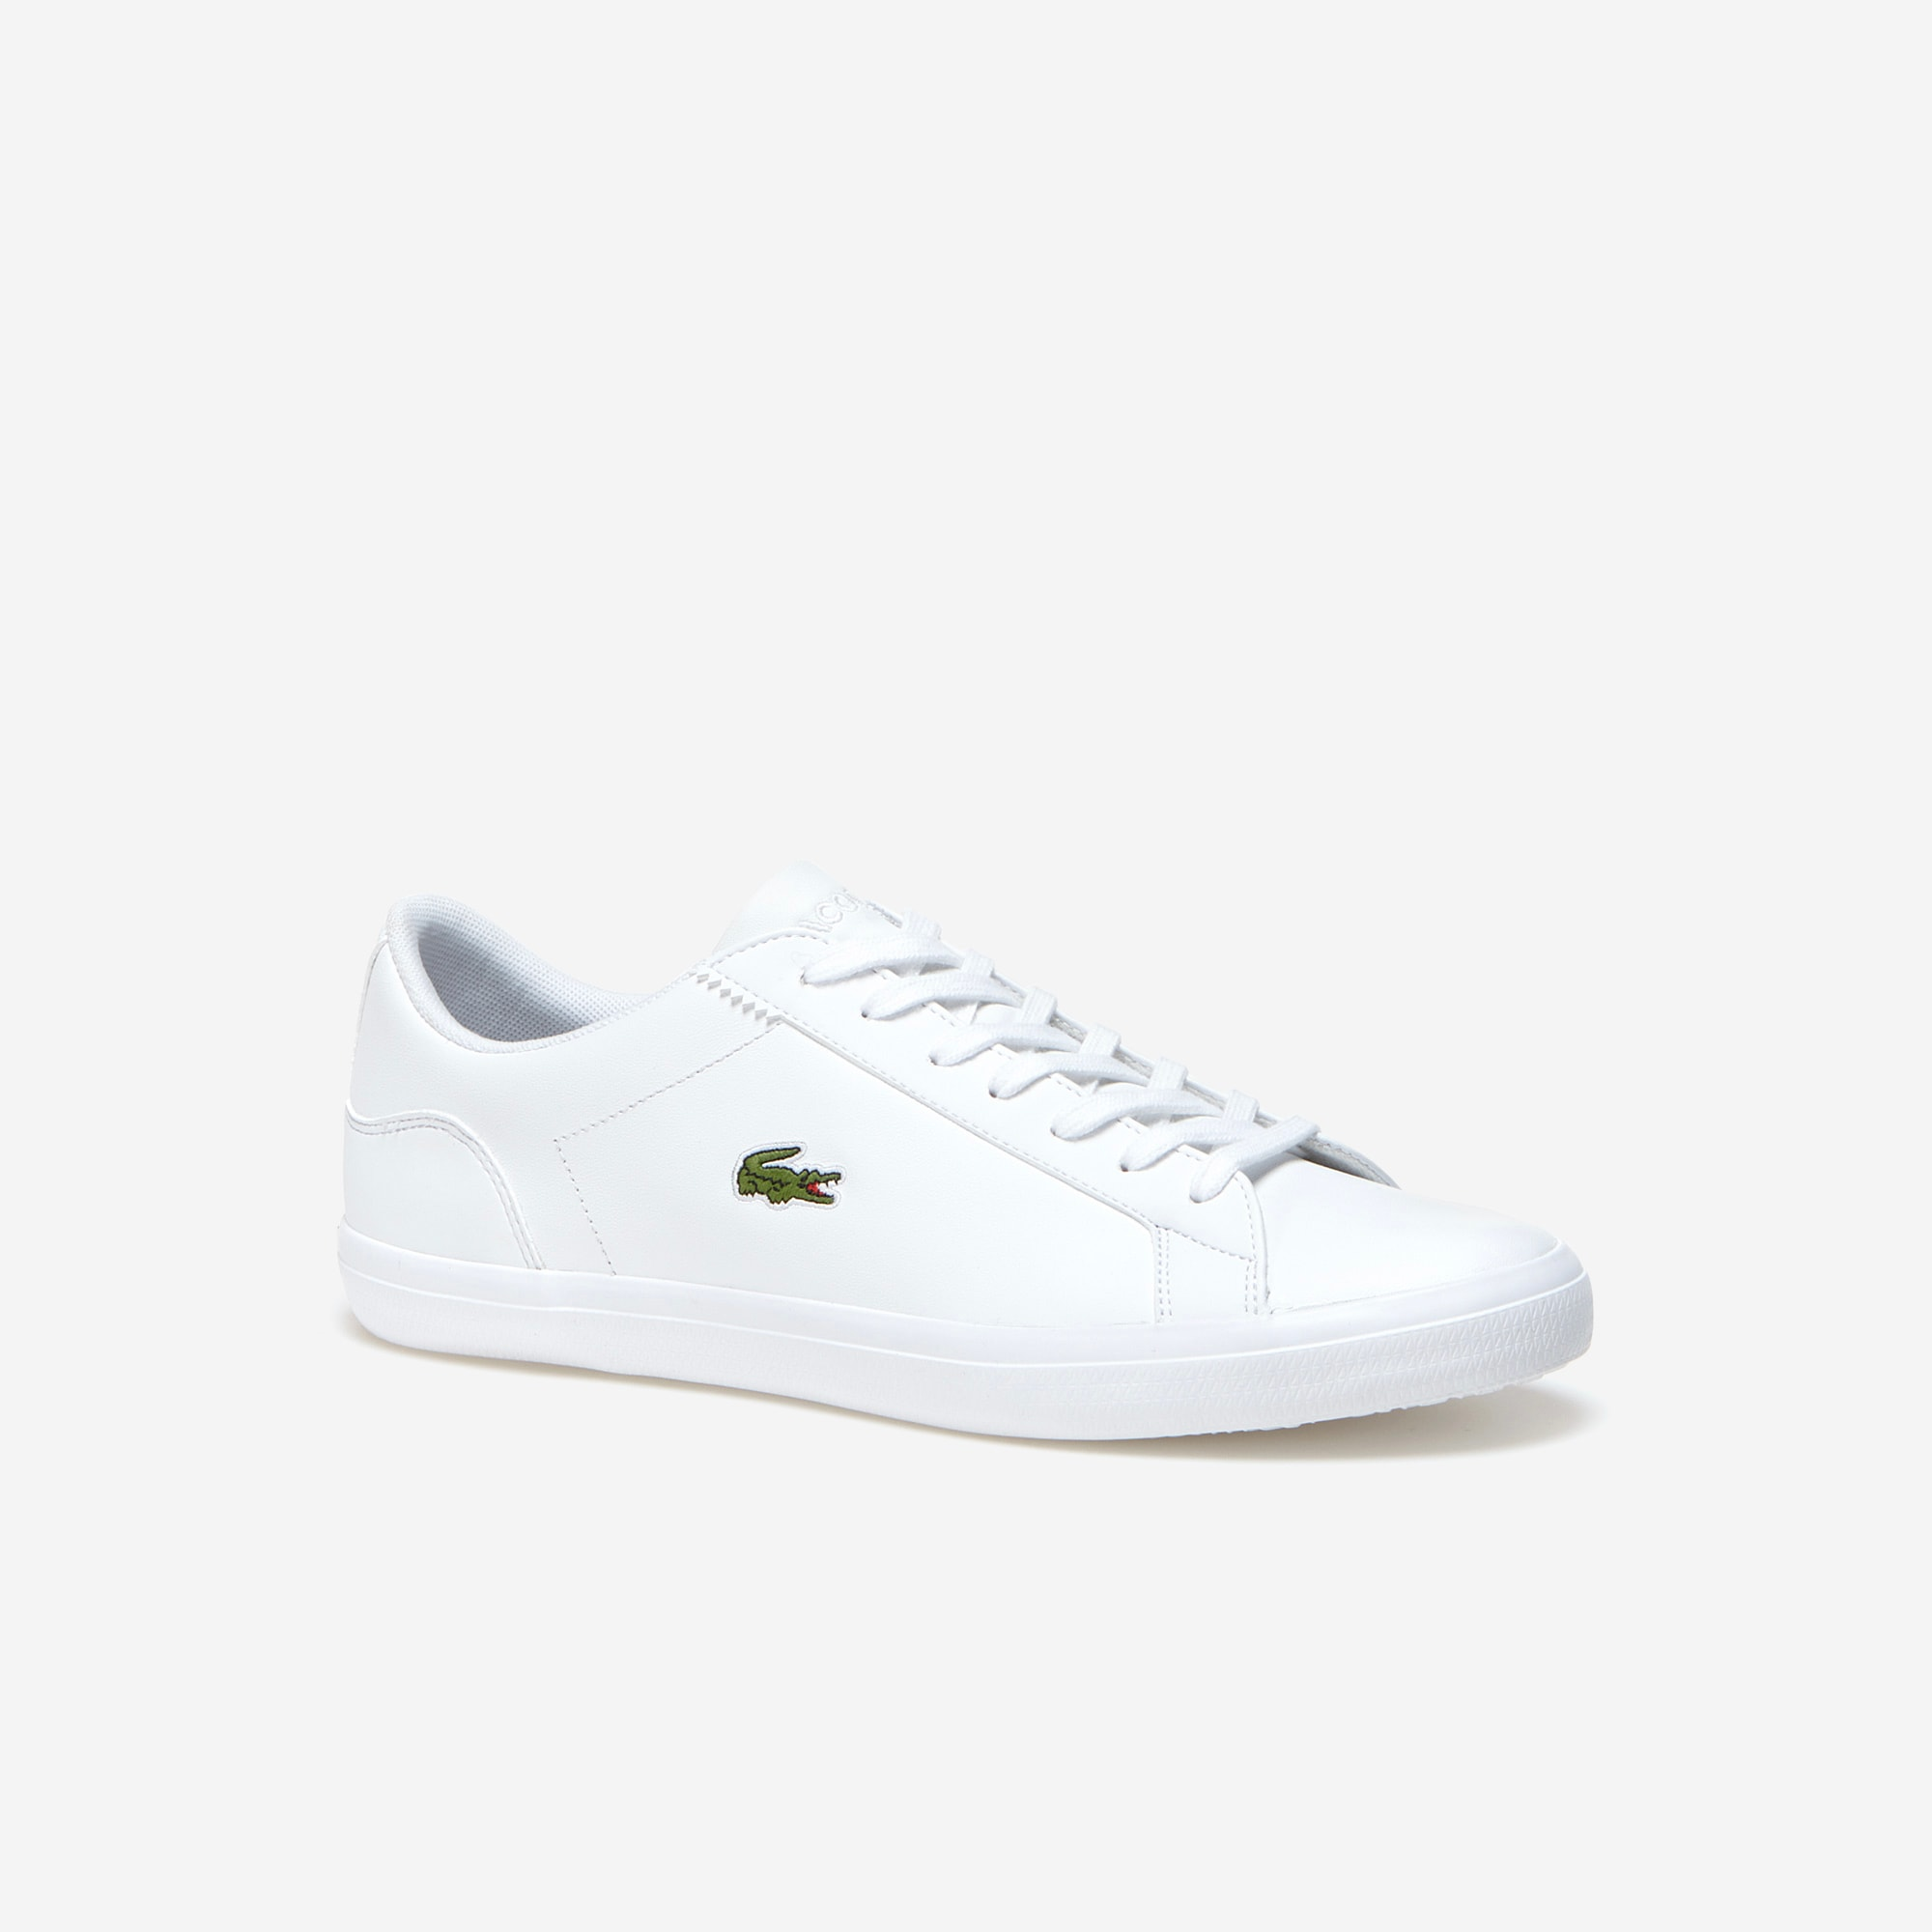 Men's Men's Lacoste Shoes Shoes For Men rznrOgX